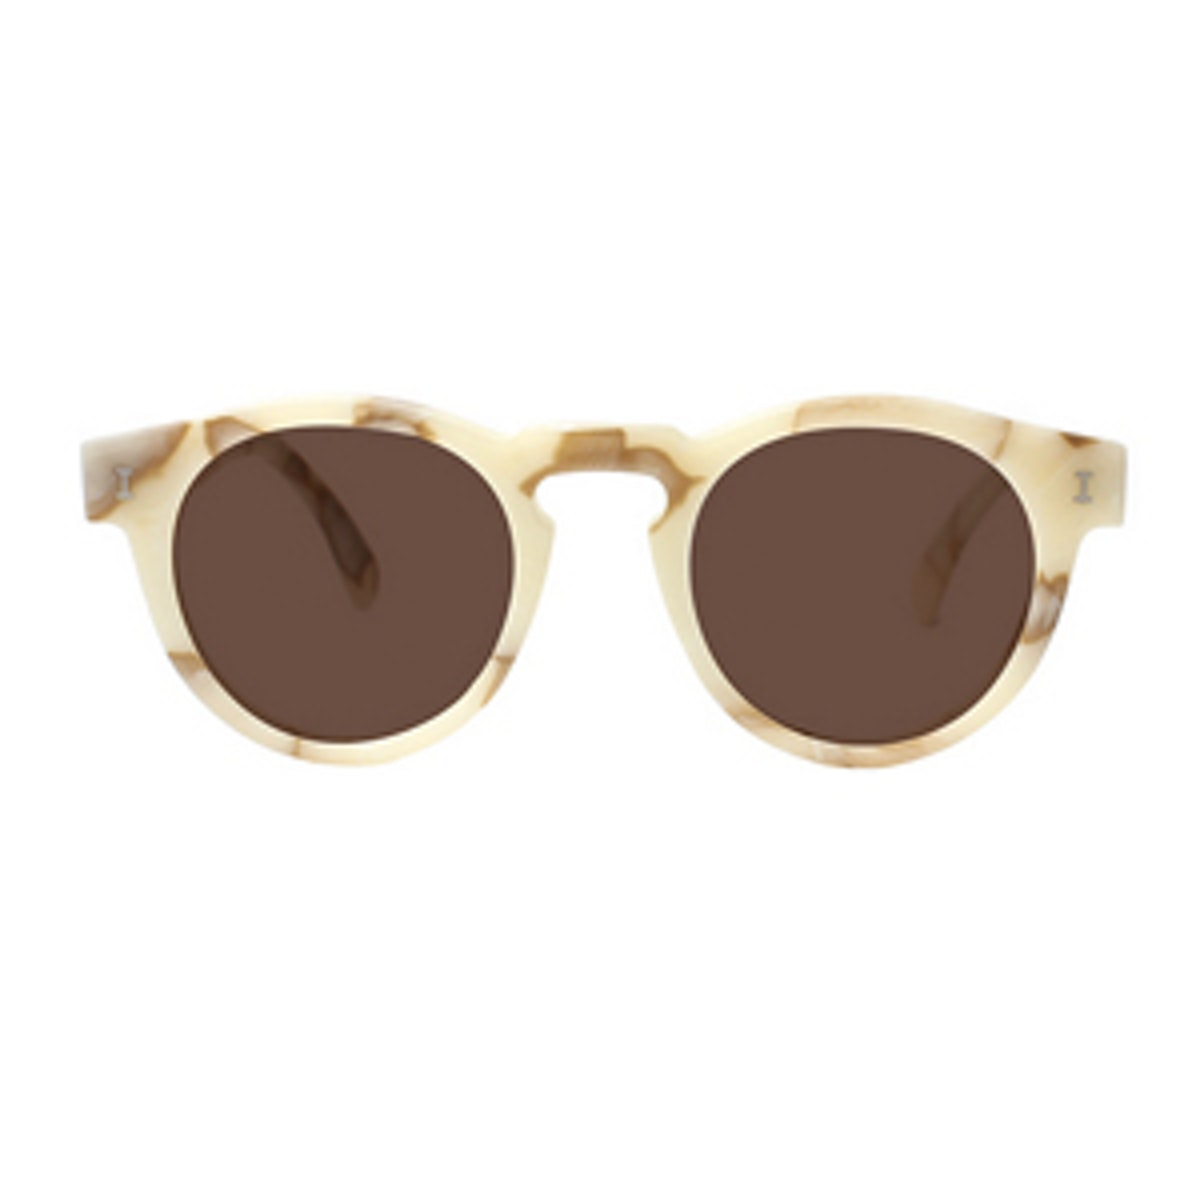 Leonard Cream Marble Sunglasses